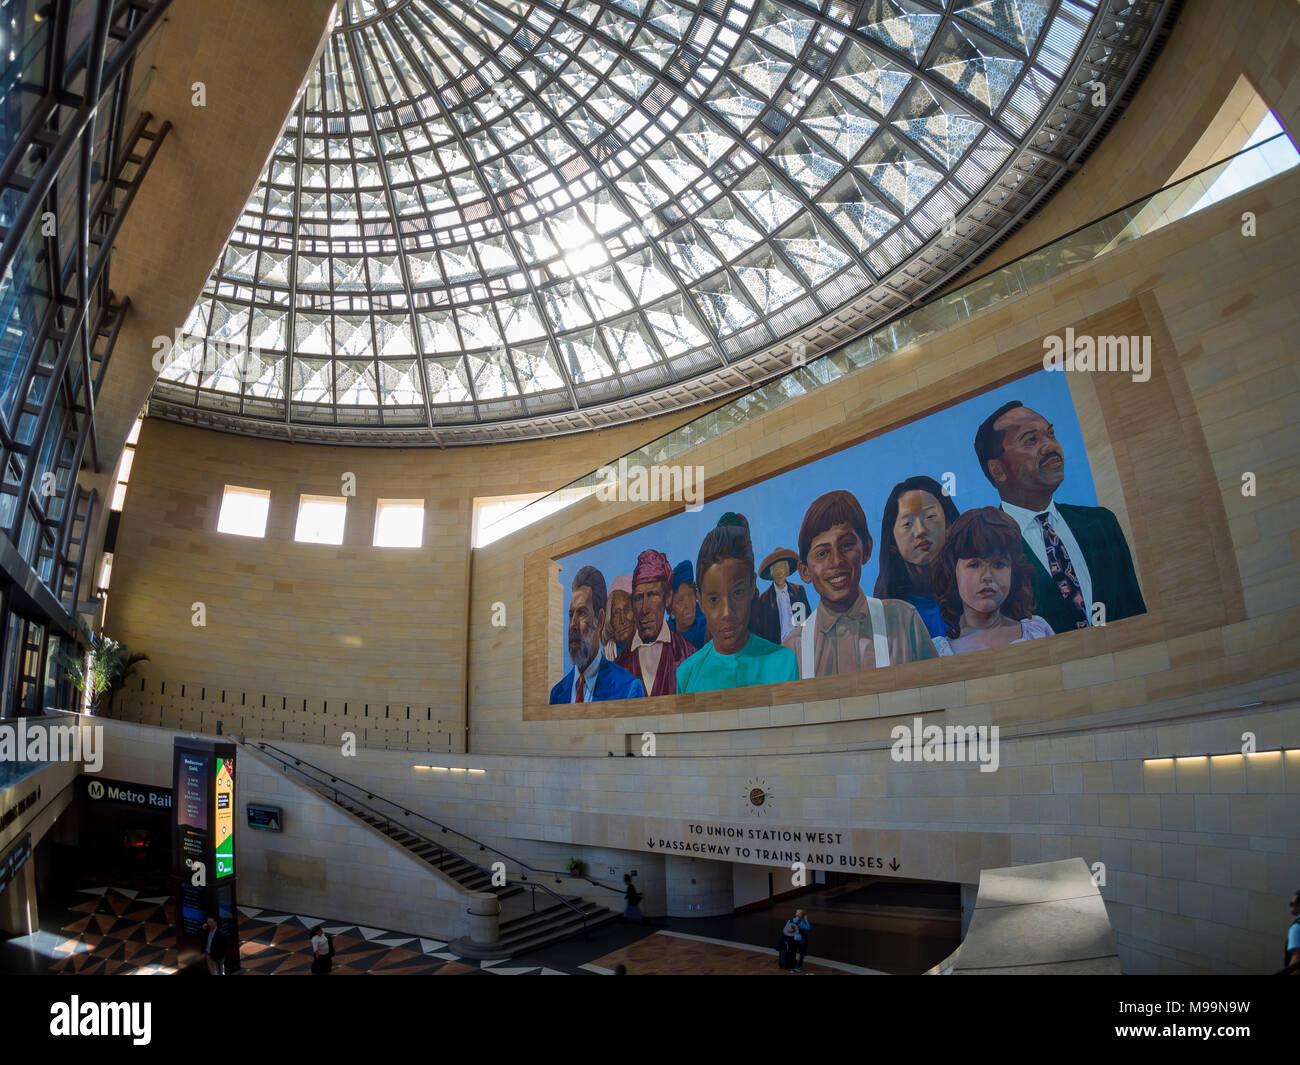 Los Angeles, Feb 3: Innenansicht des berühmten Union Station am Mar 3, 2018 in Los Angeles Stockfoto